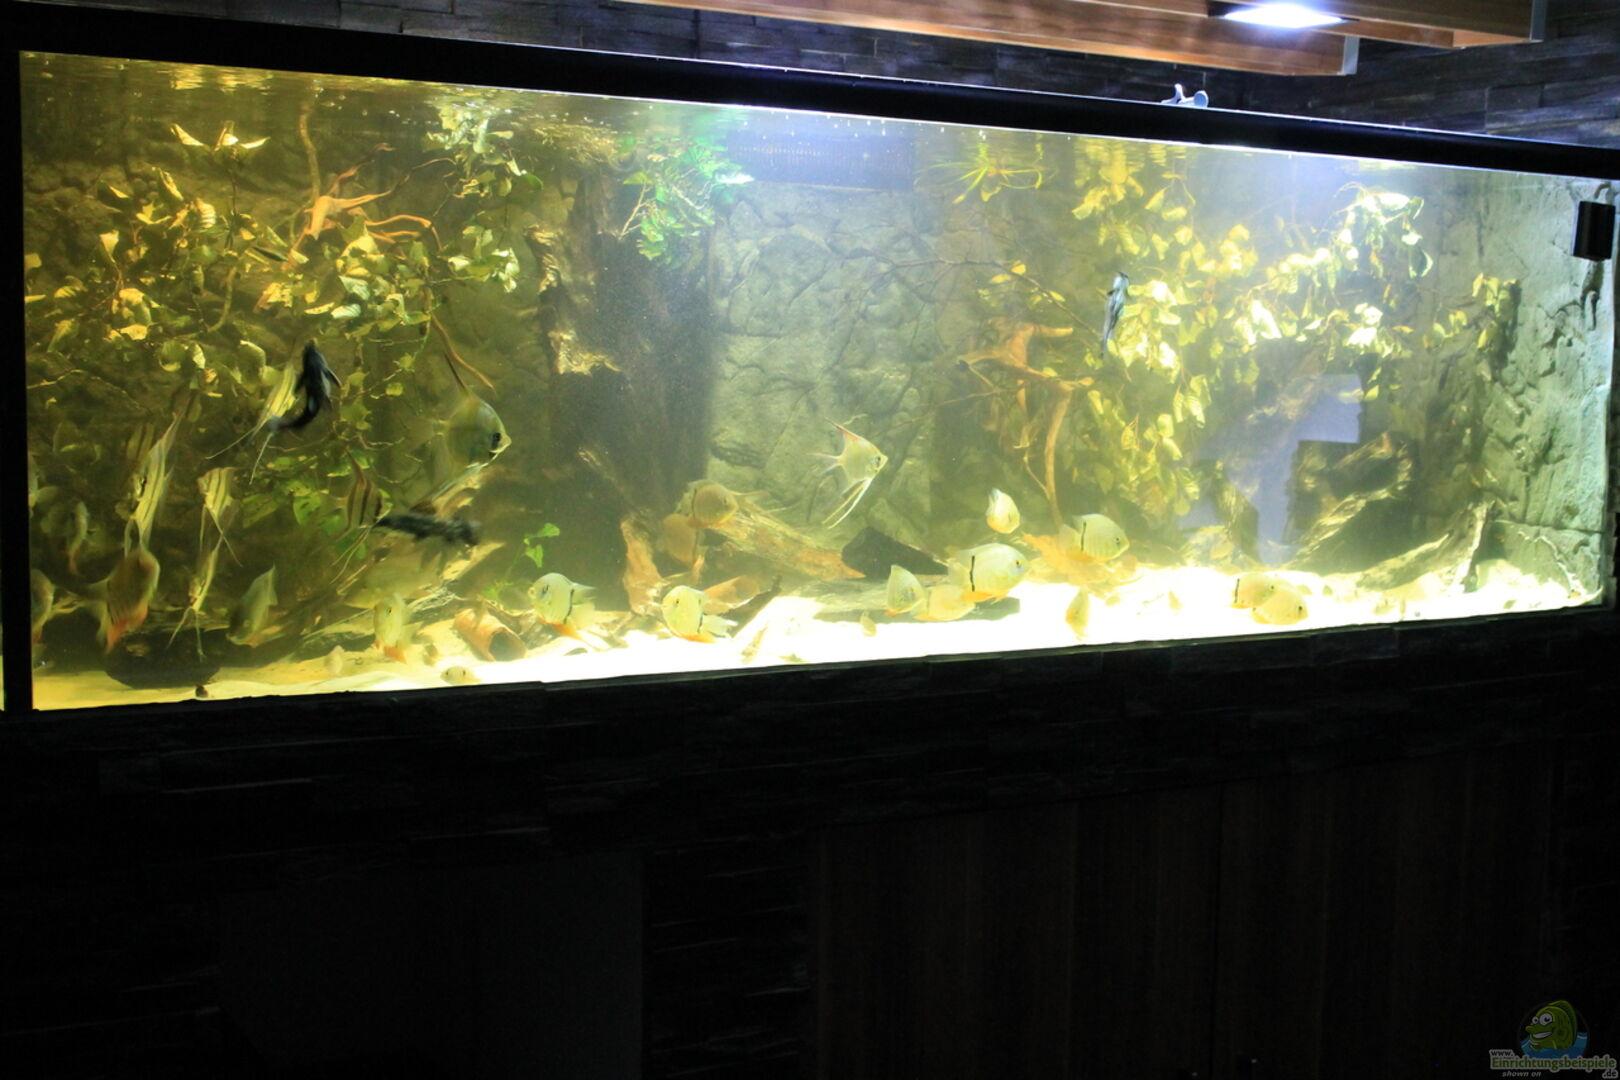 Aquarium von T-Aquatics (32815): Wohnzimmer Uferzone